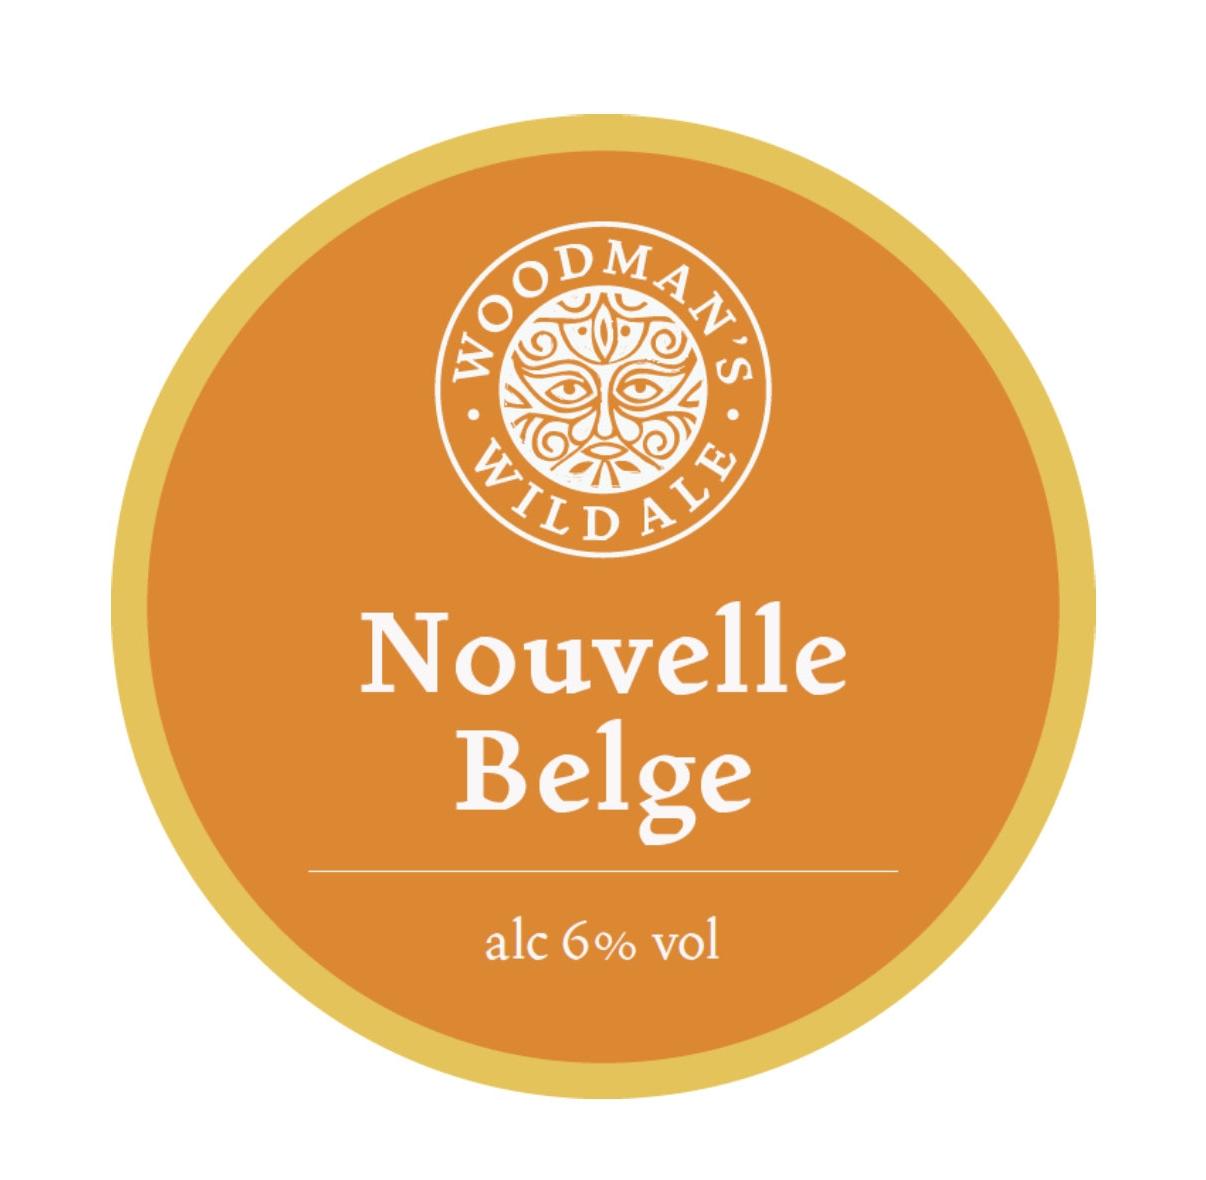 Nouvelle Belge.jpg